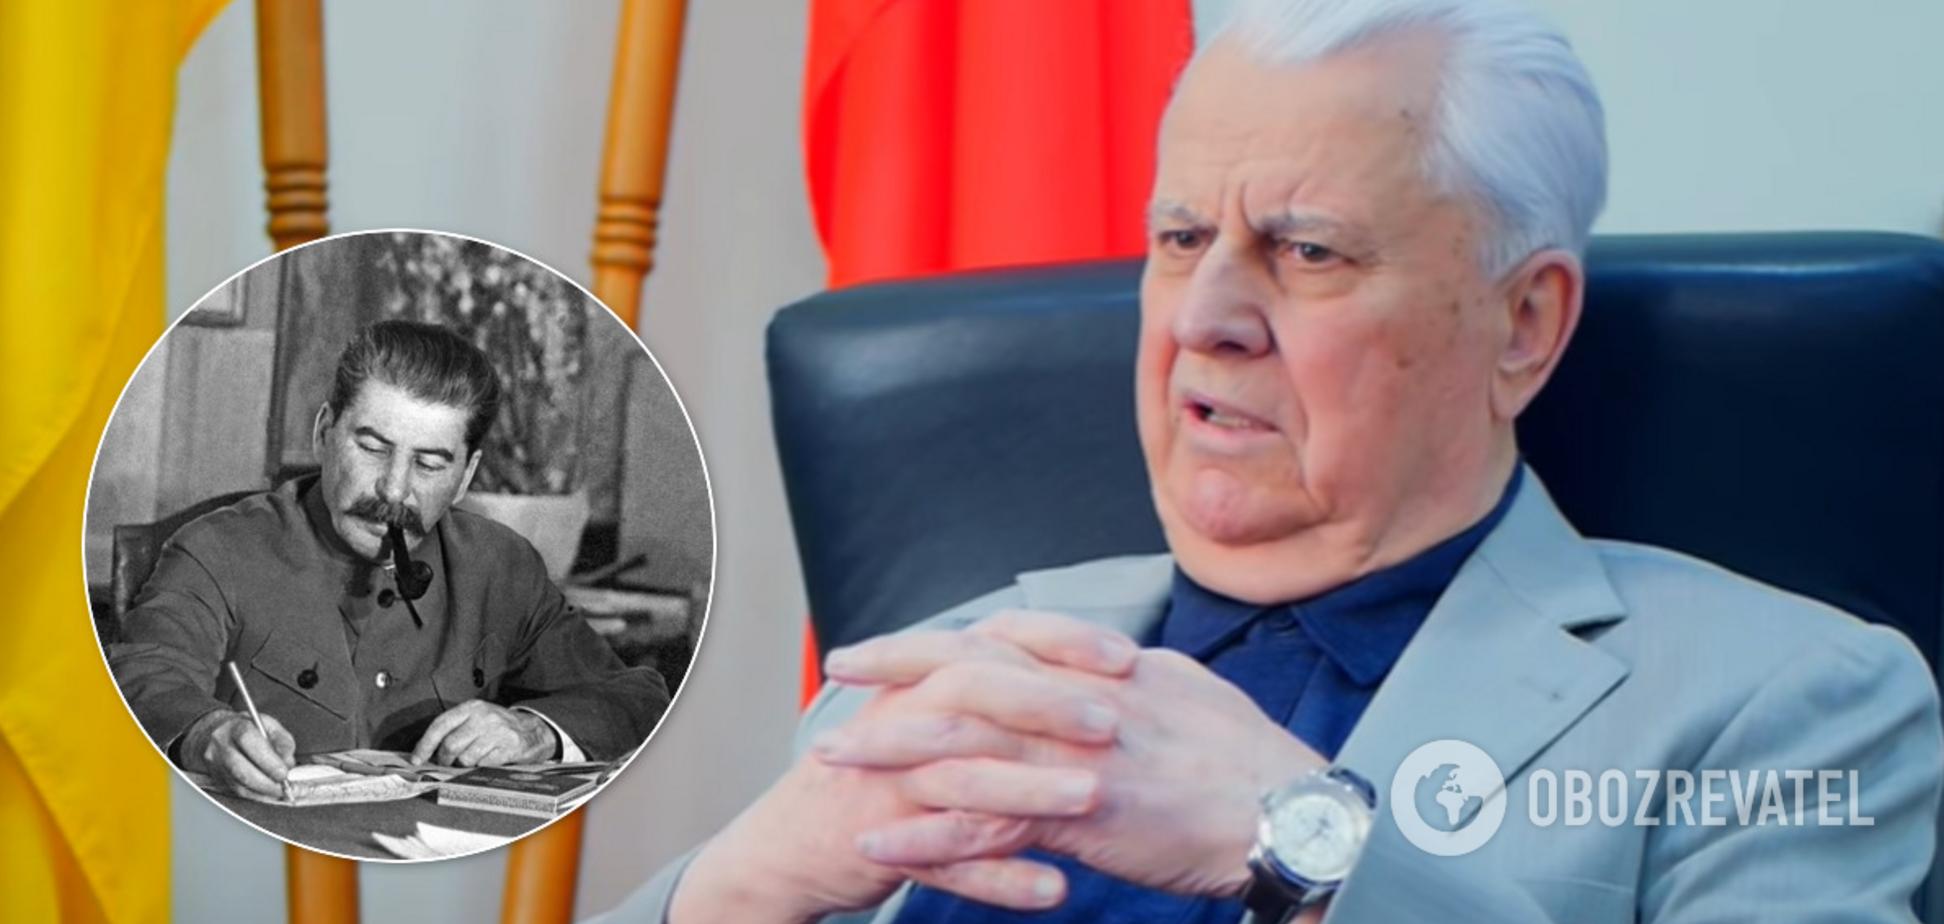 Поддержал Гитлера: Кравчук напомнил о вине Сталина во Второй мировой войне